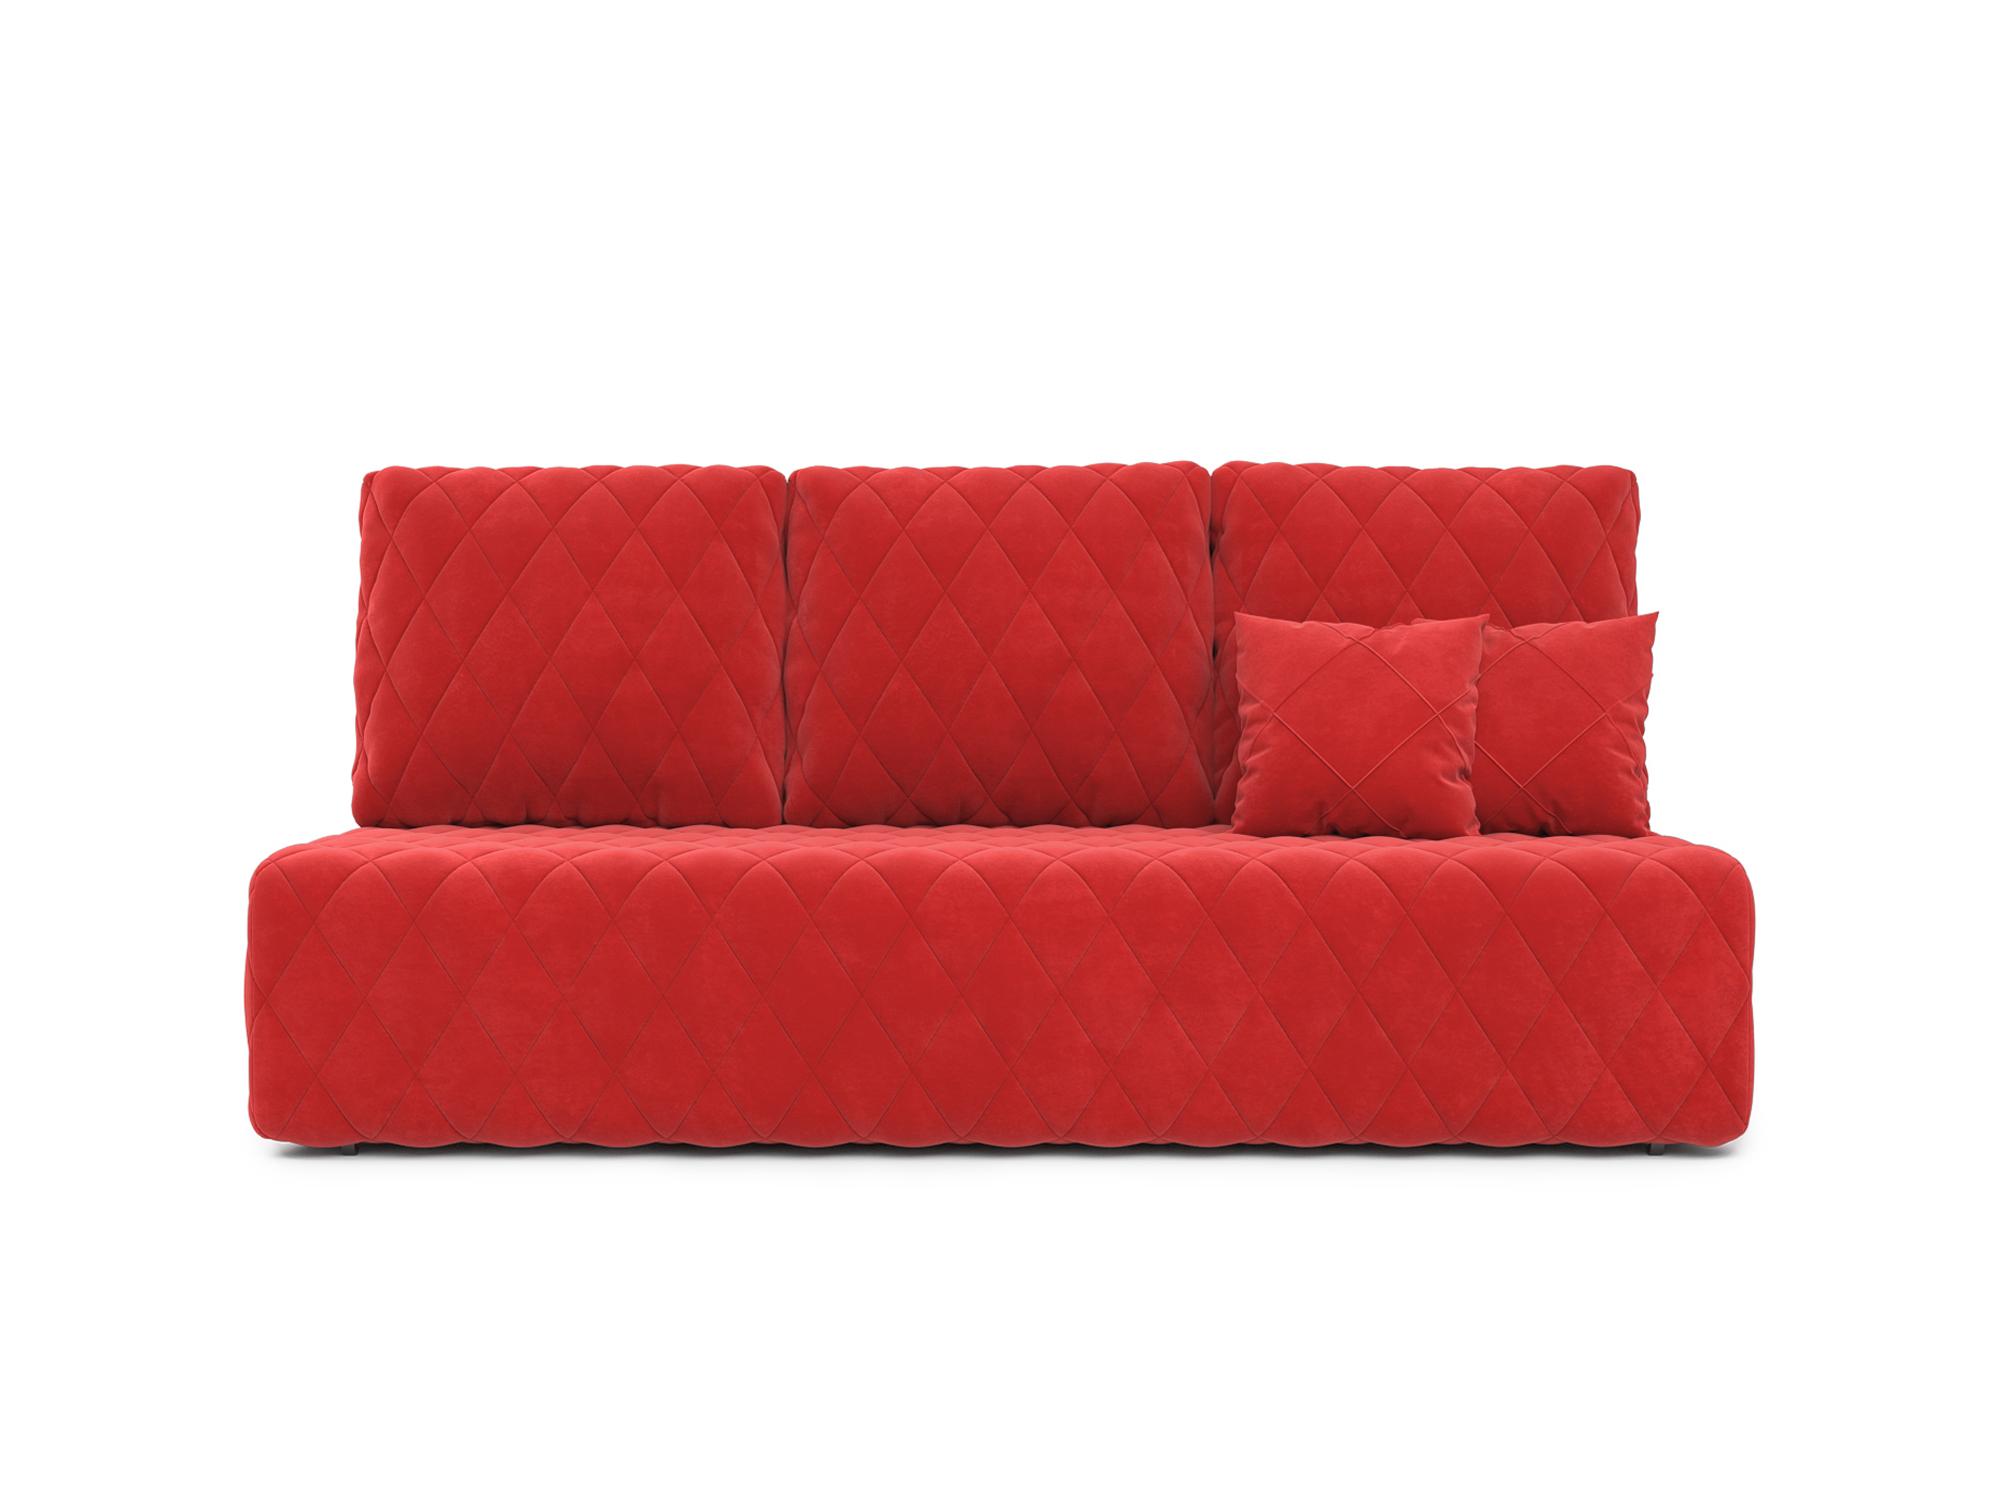 Фото - Диван Роял MebelVia Красный, Микровелюр, Брус сосны диван мальтида mebelvia красный микровелюр брус сосны